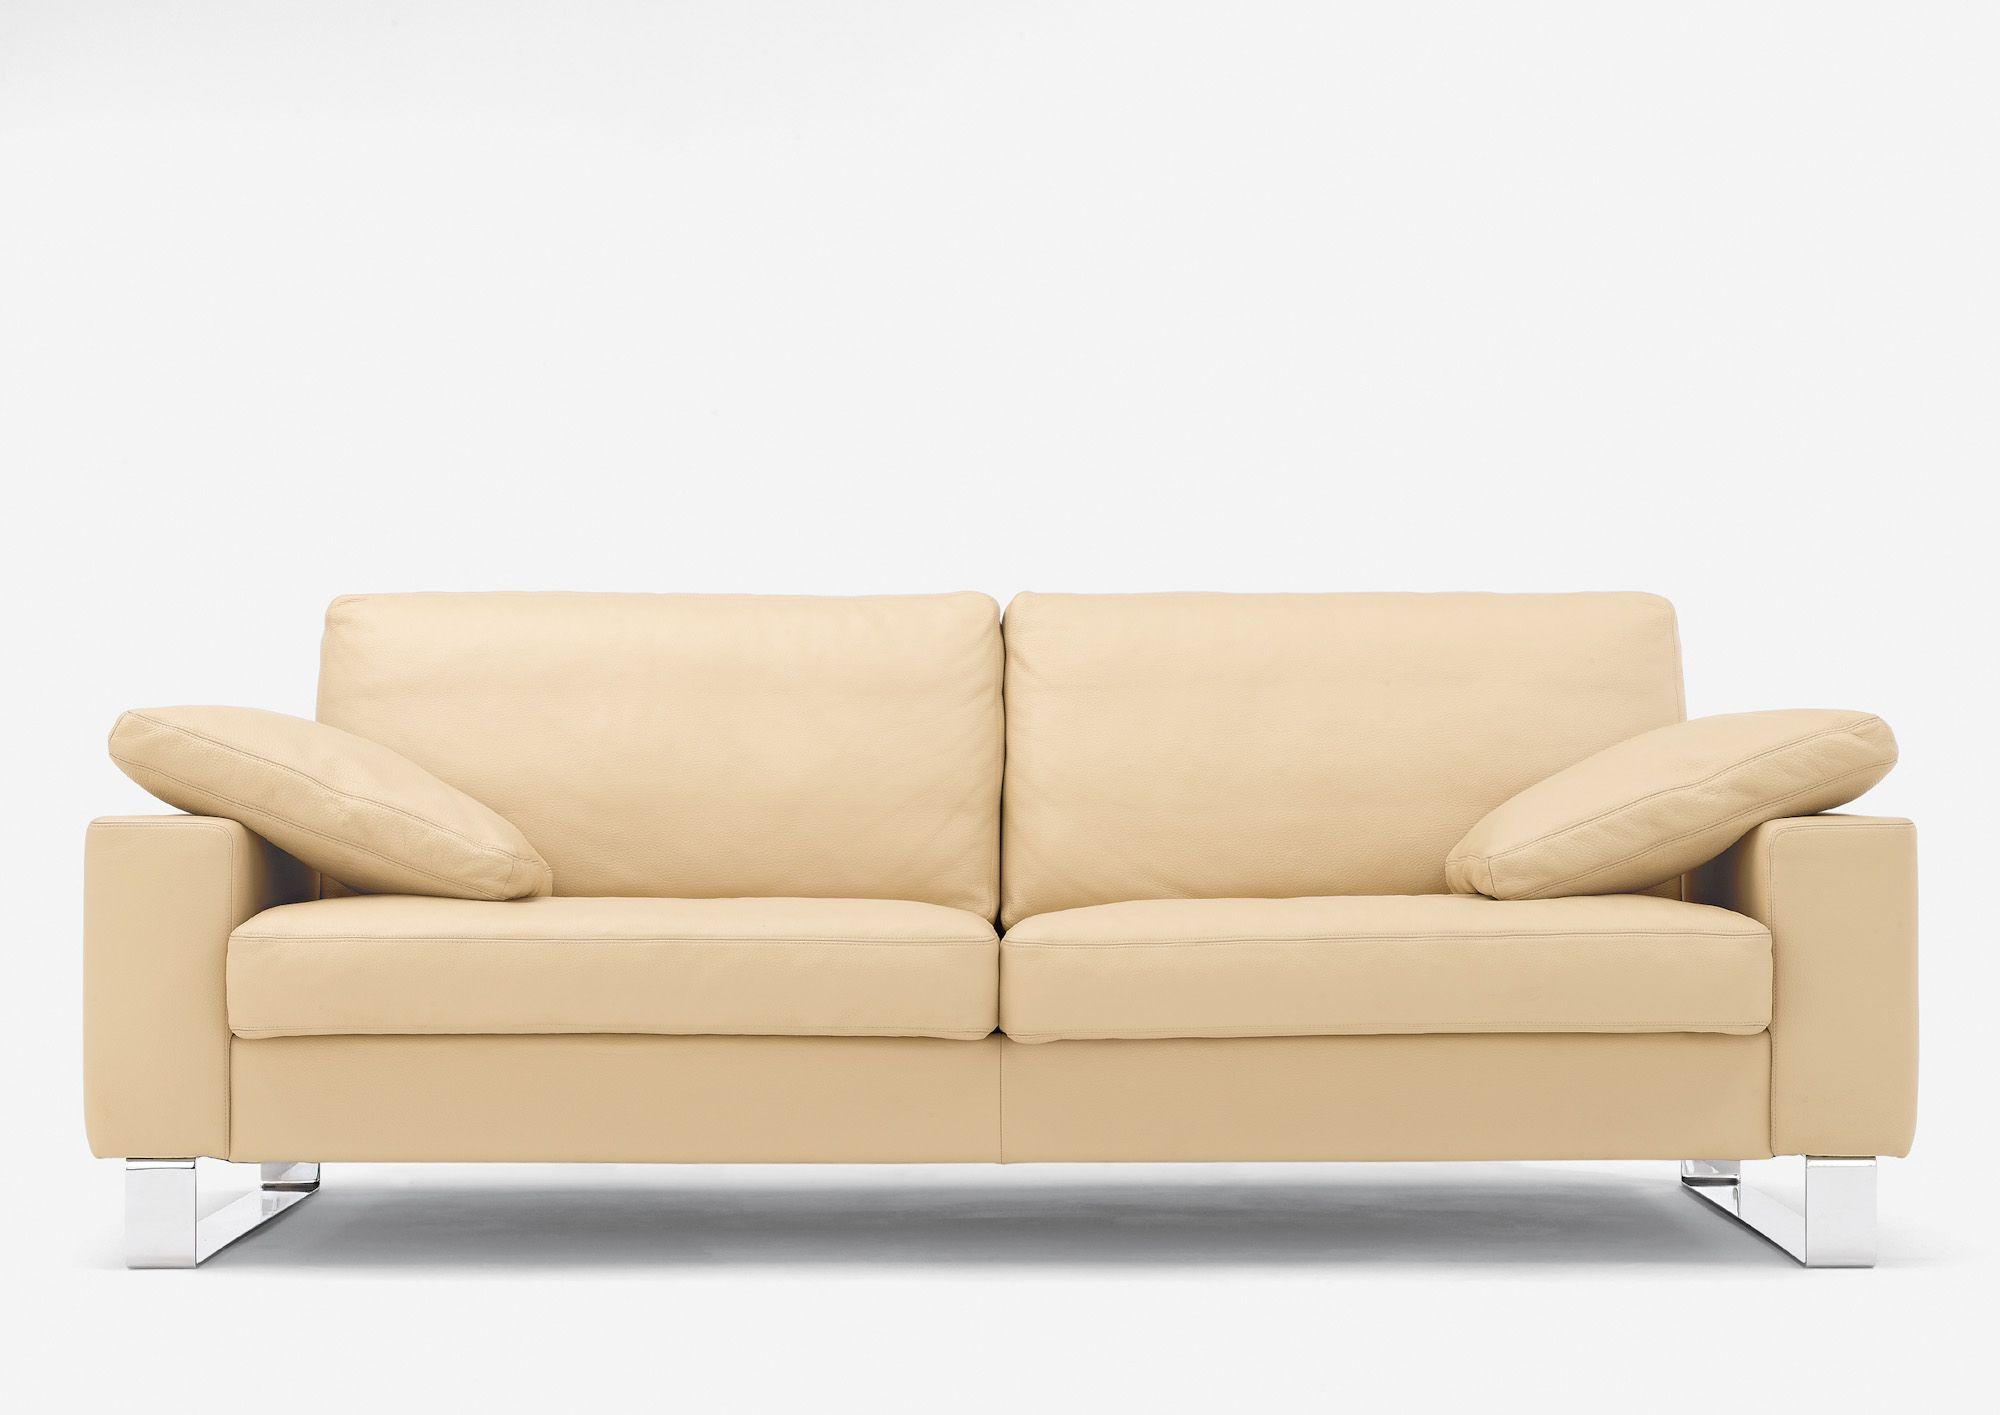 Polstermöbel Färben modernes sofa leder creme in verschiedenen farben erhältlich